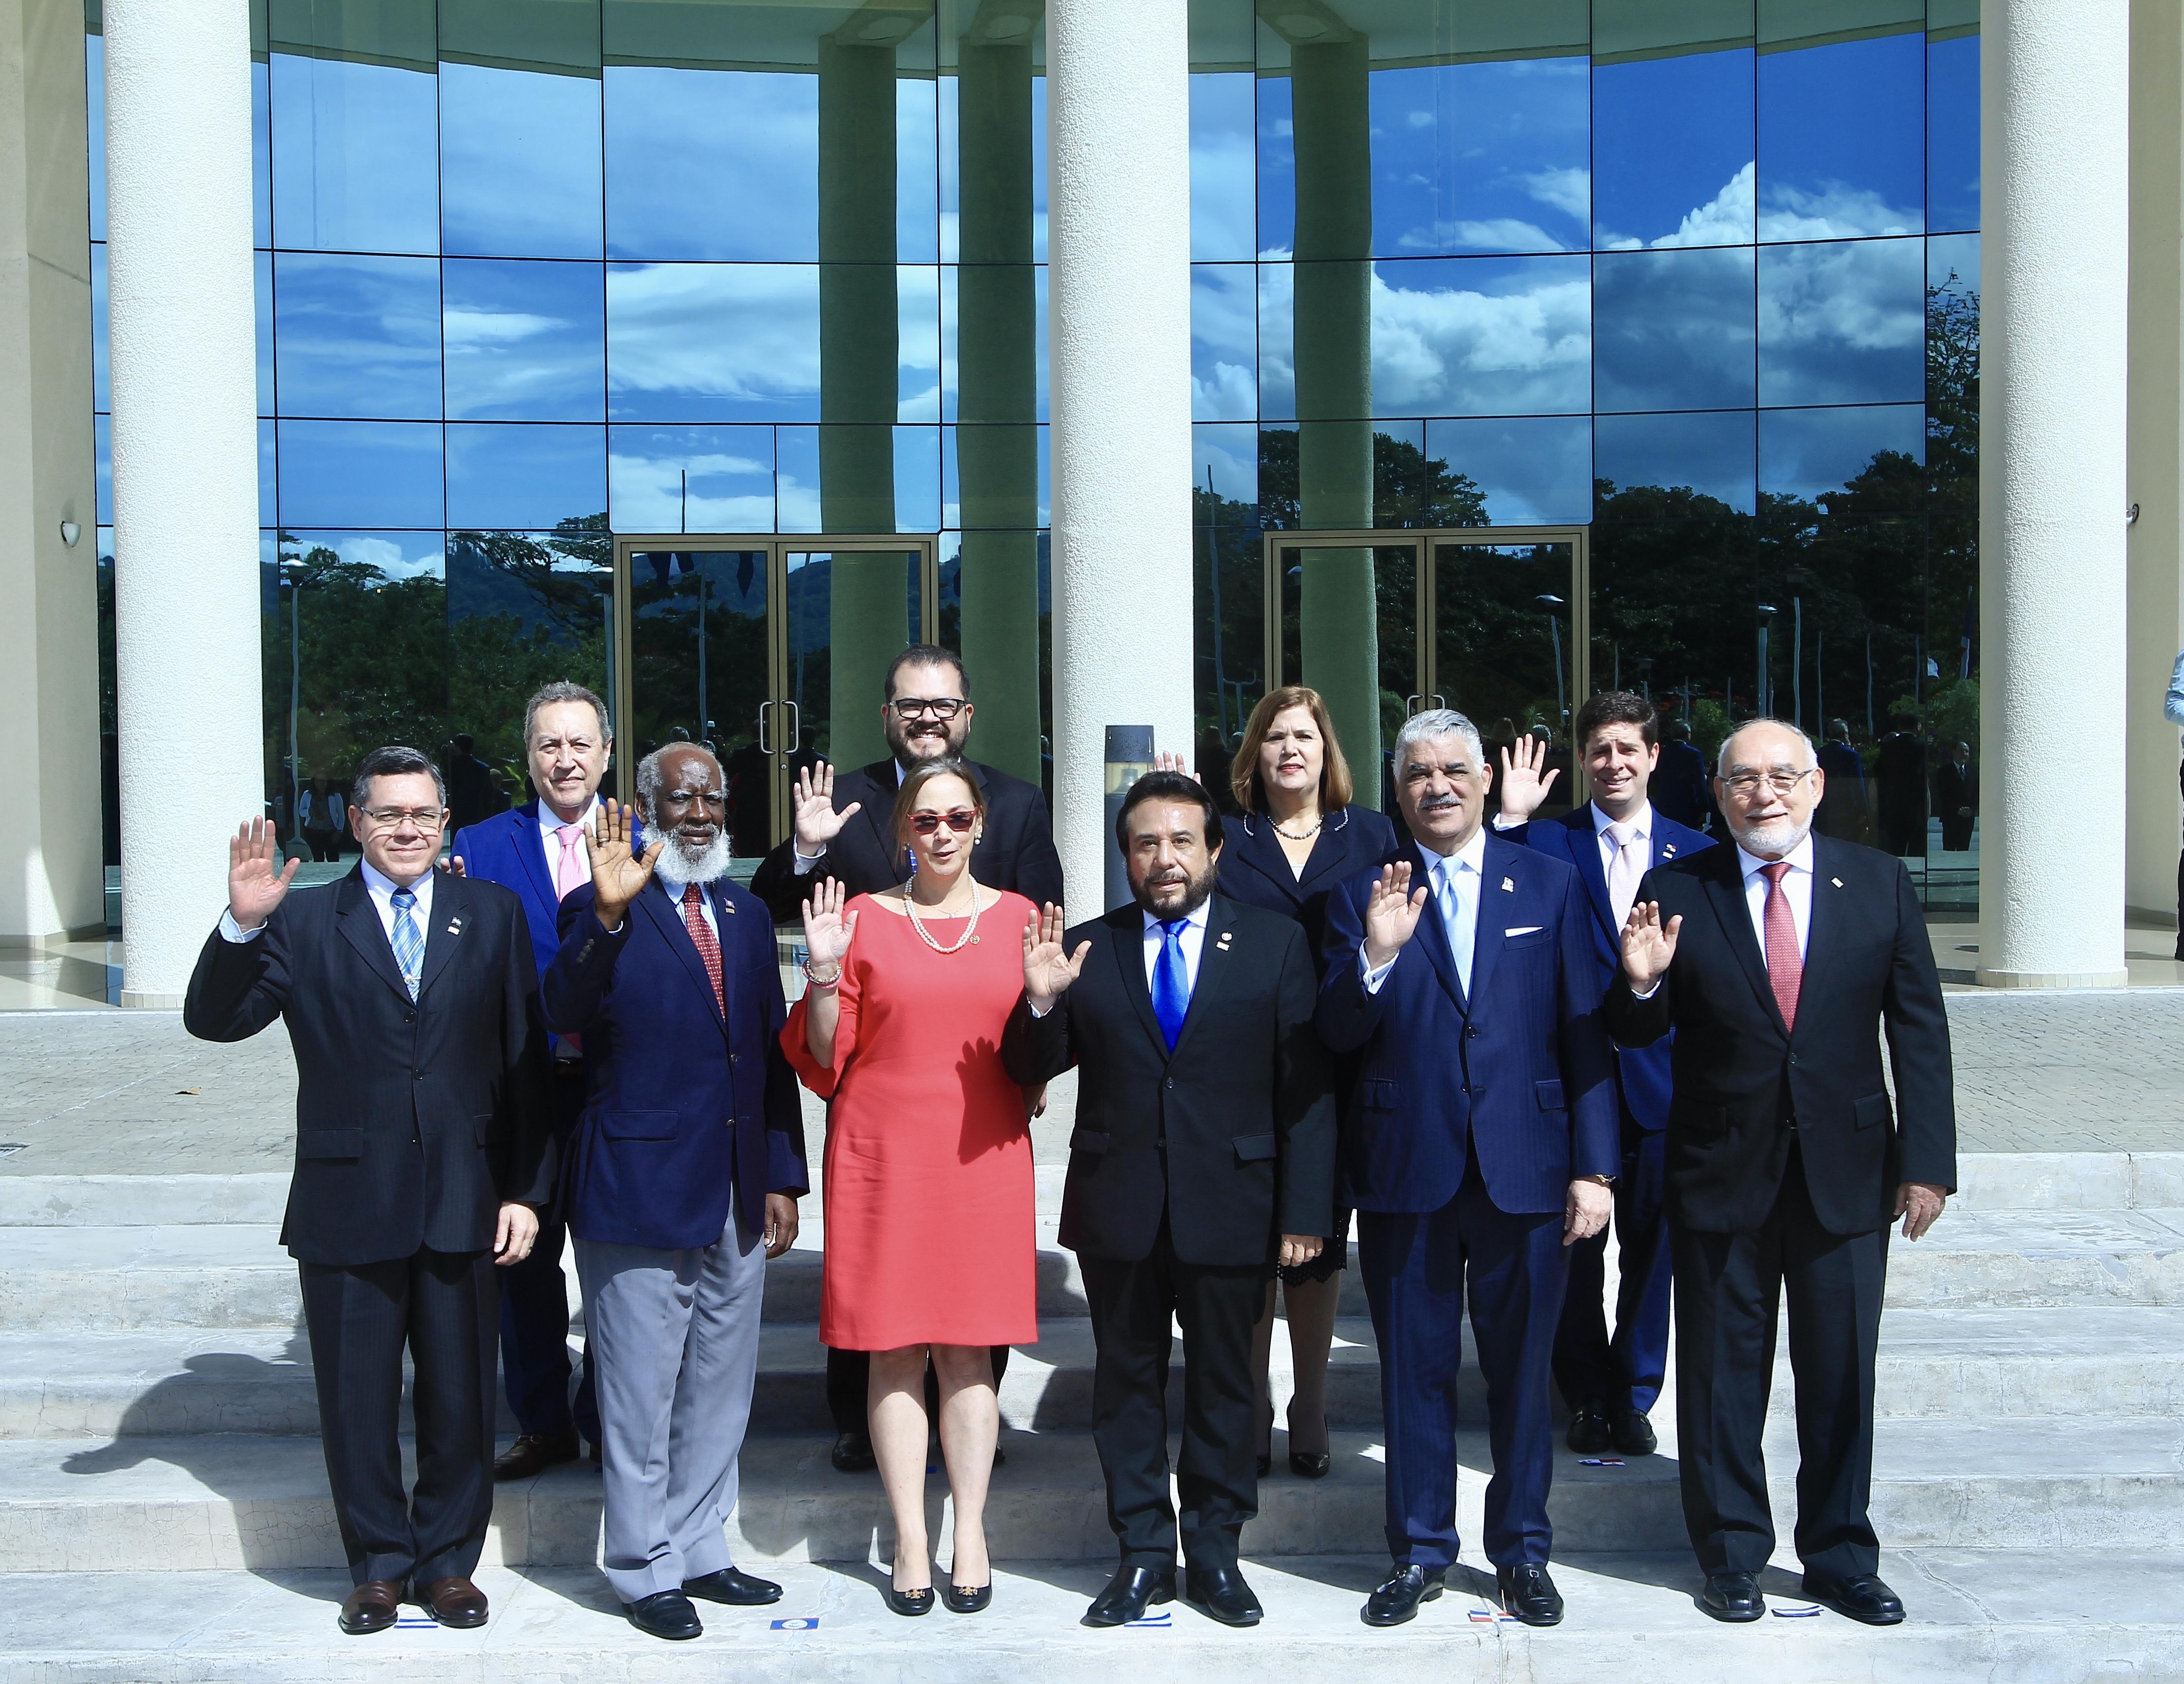 Miguel Vargas exhorta a miembros del SICA cuidar paz y evitar retroceso en región